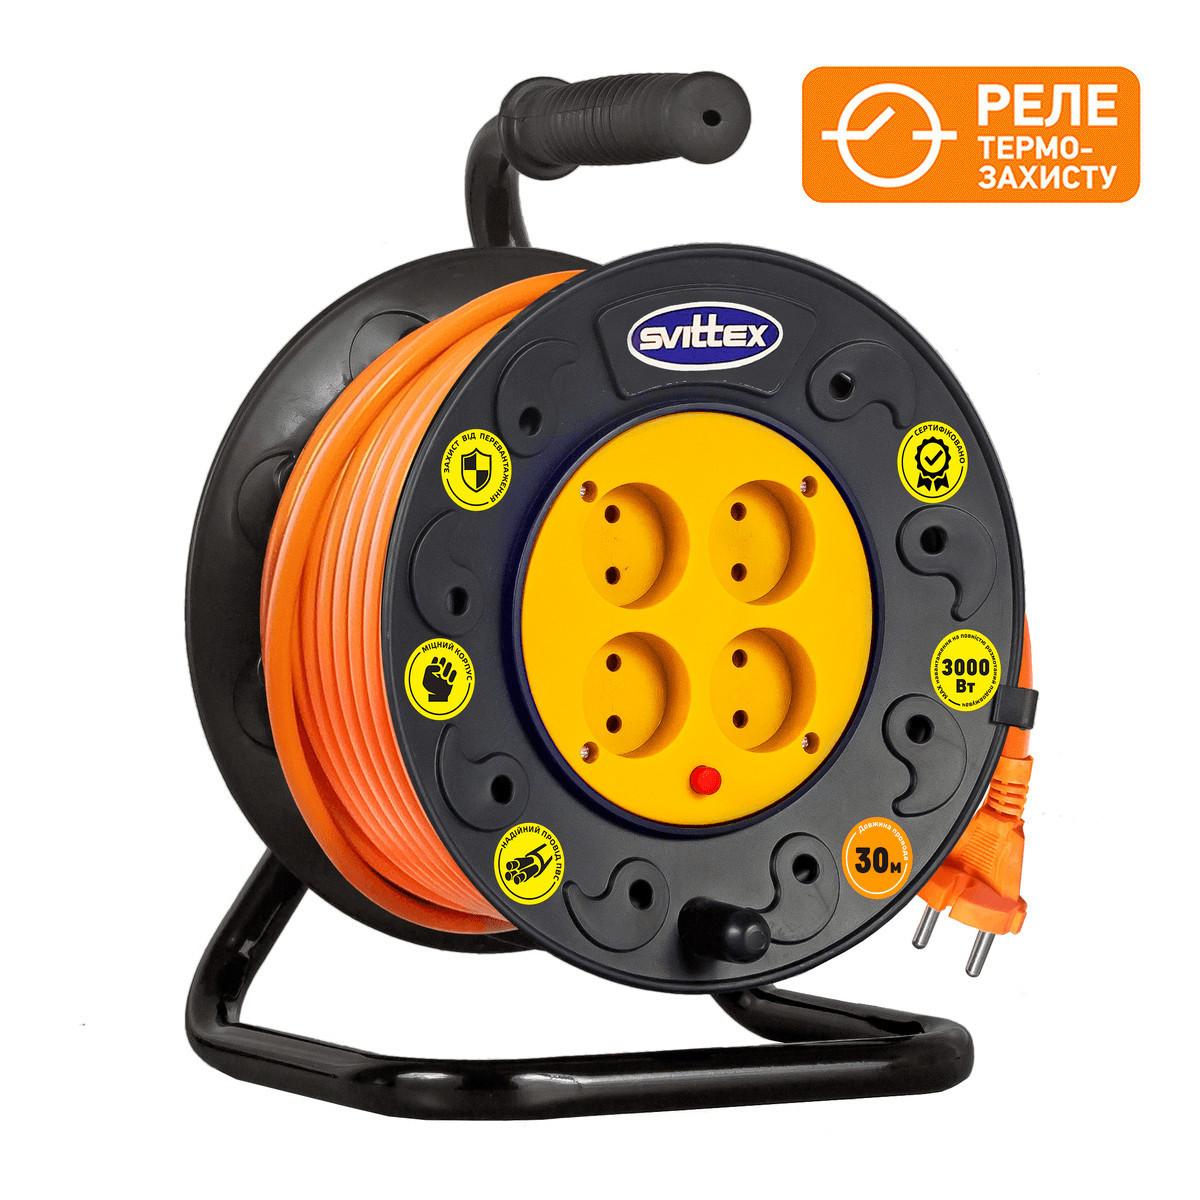 Подовжувач SVITTEX на котушці 40м з перерізом проводу 2х2,5 мм2 і термозахистом!